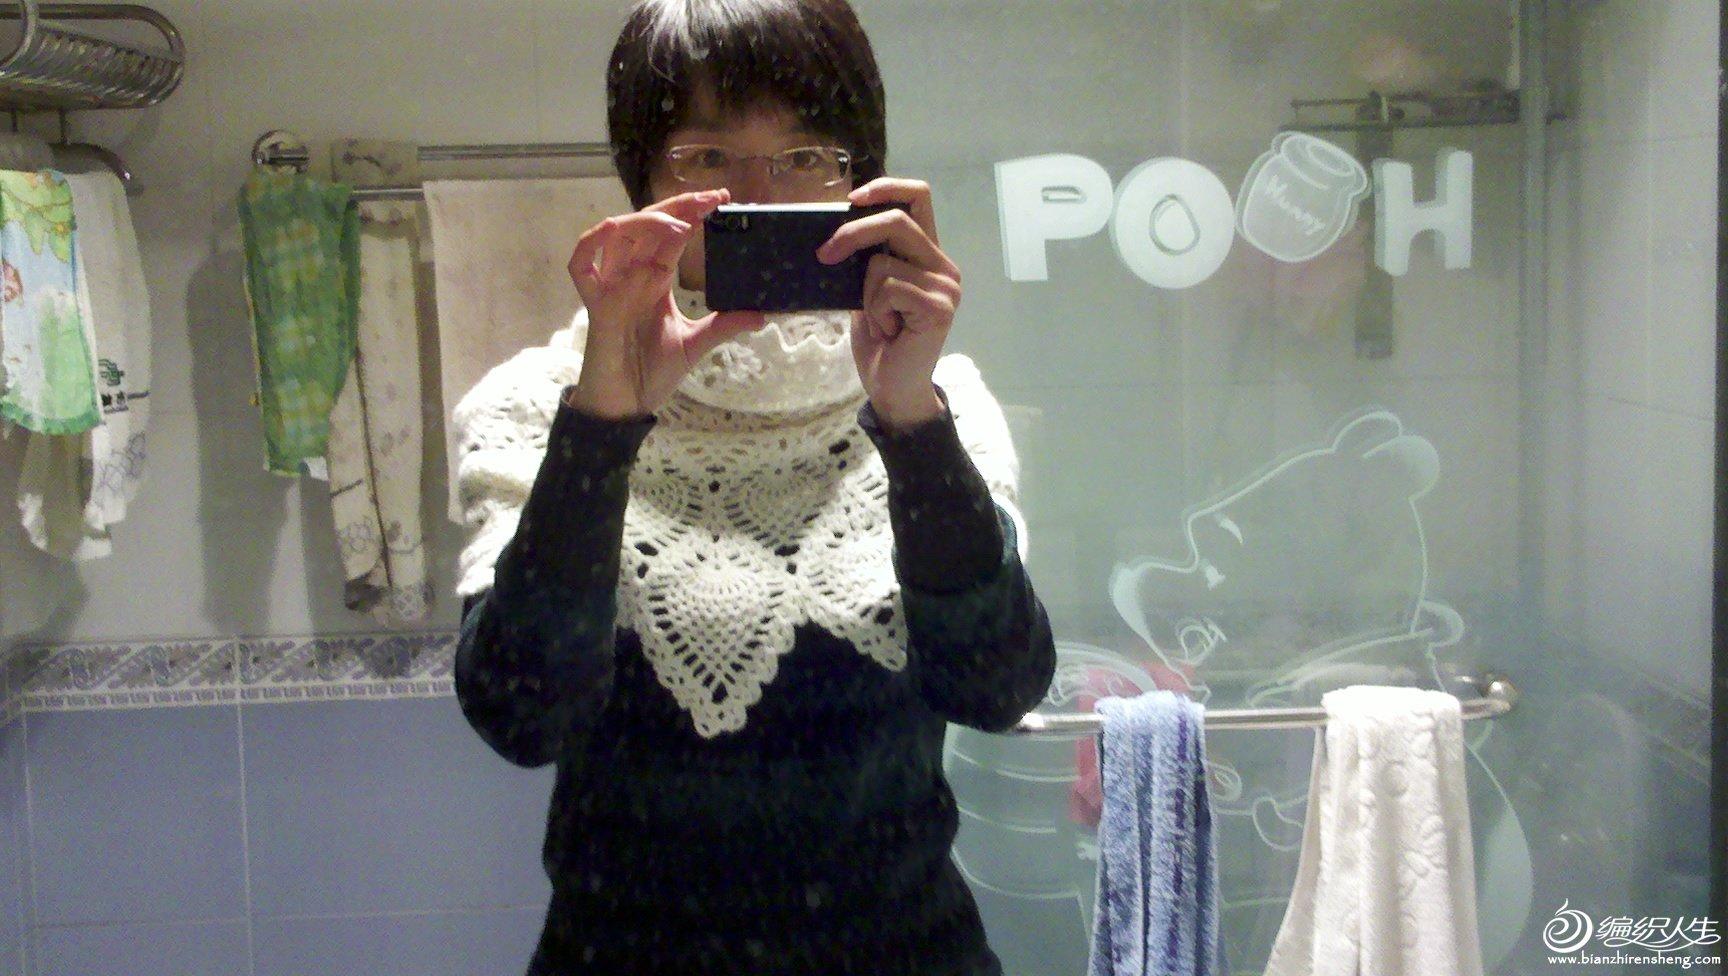 2012-12-18_17-38-55_738.jpg